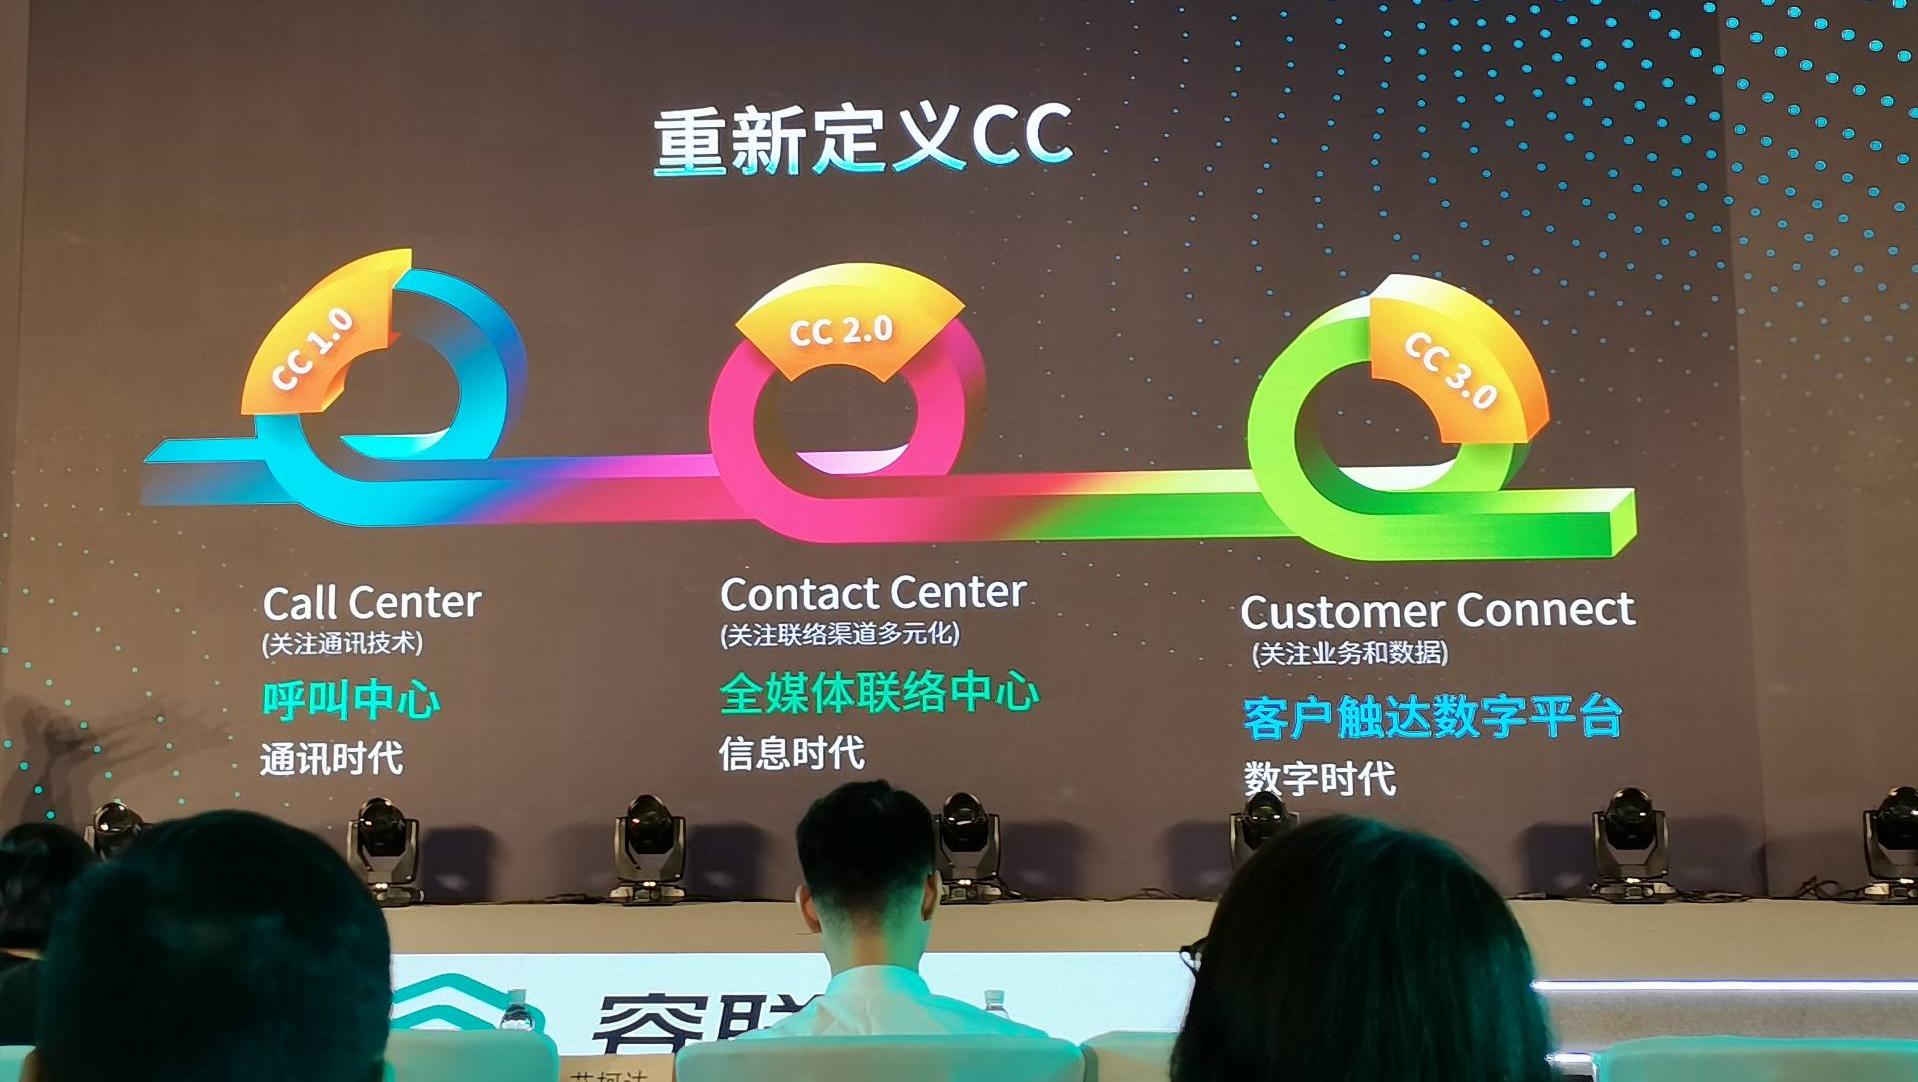 容联云7年来迎首次品牌升级,上市不到半年业绩超预期